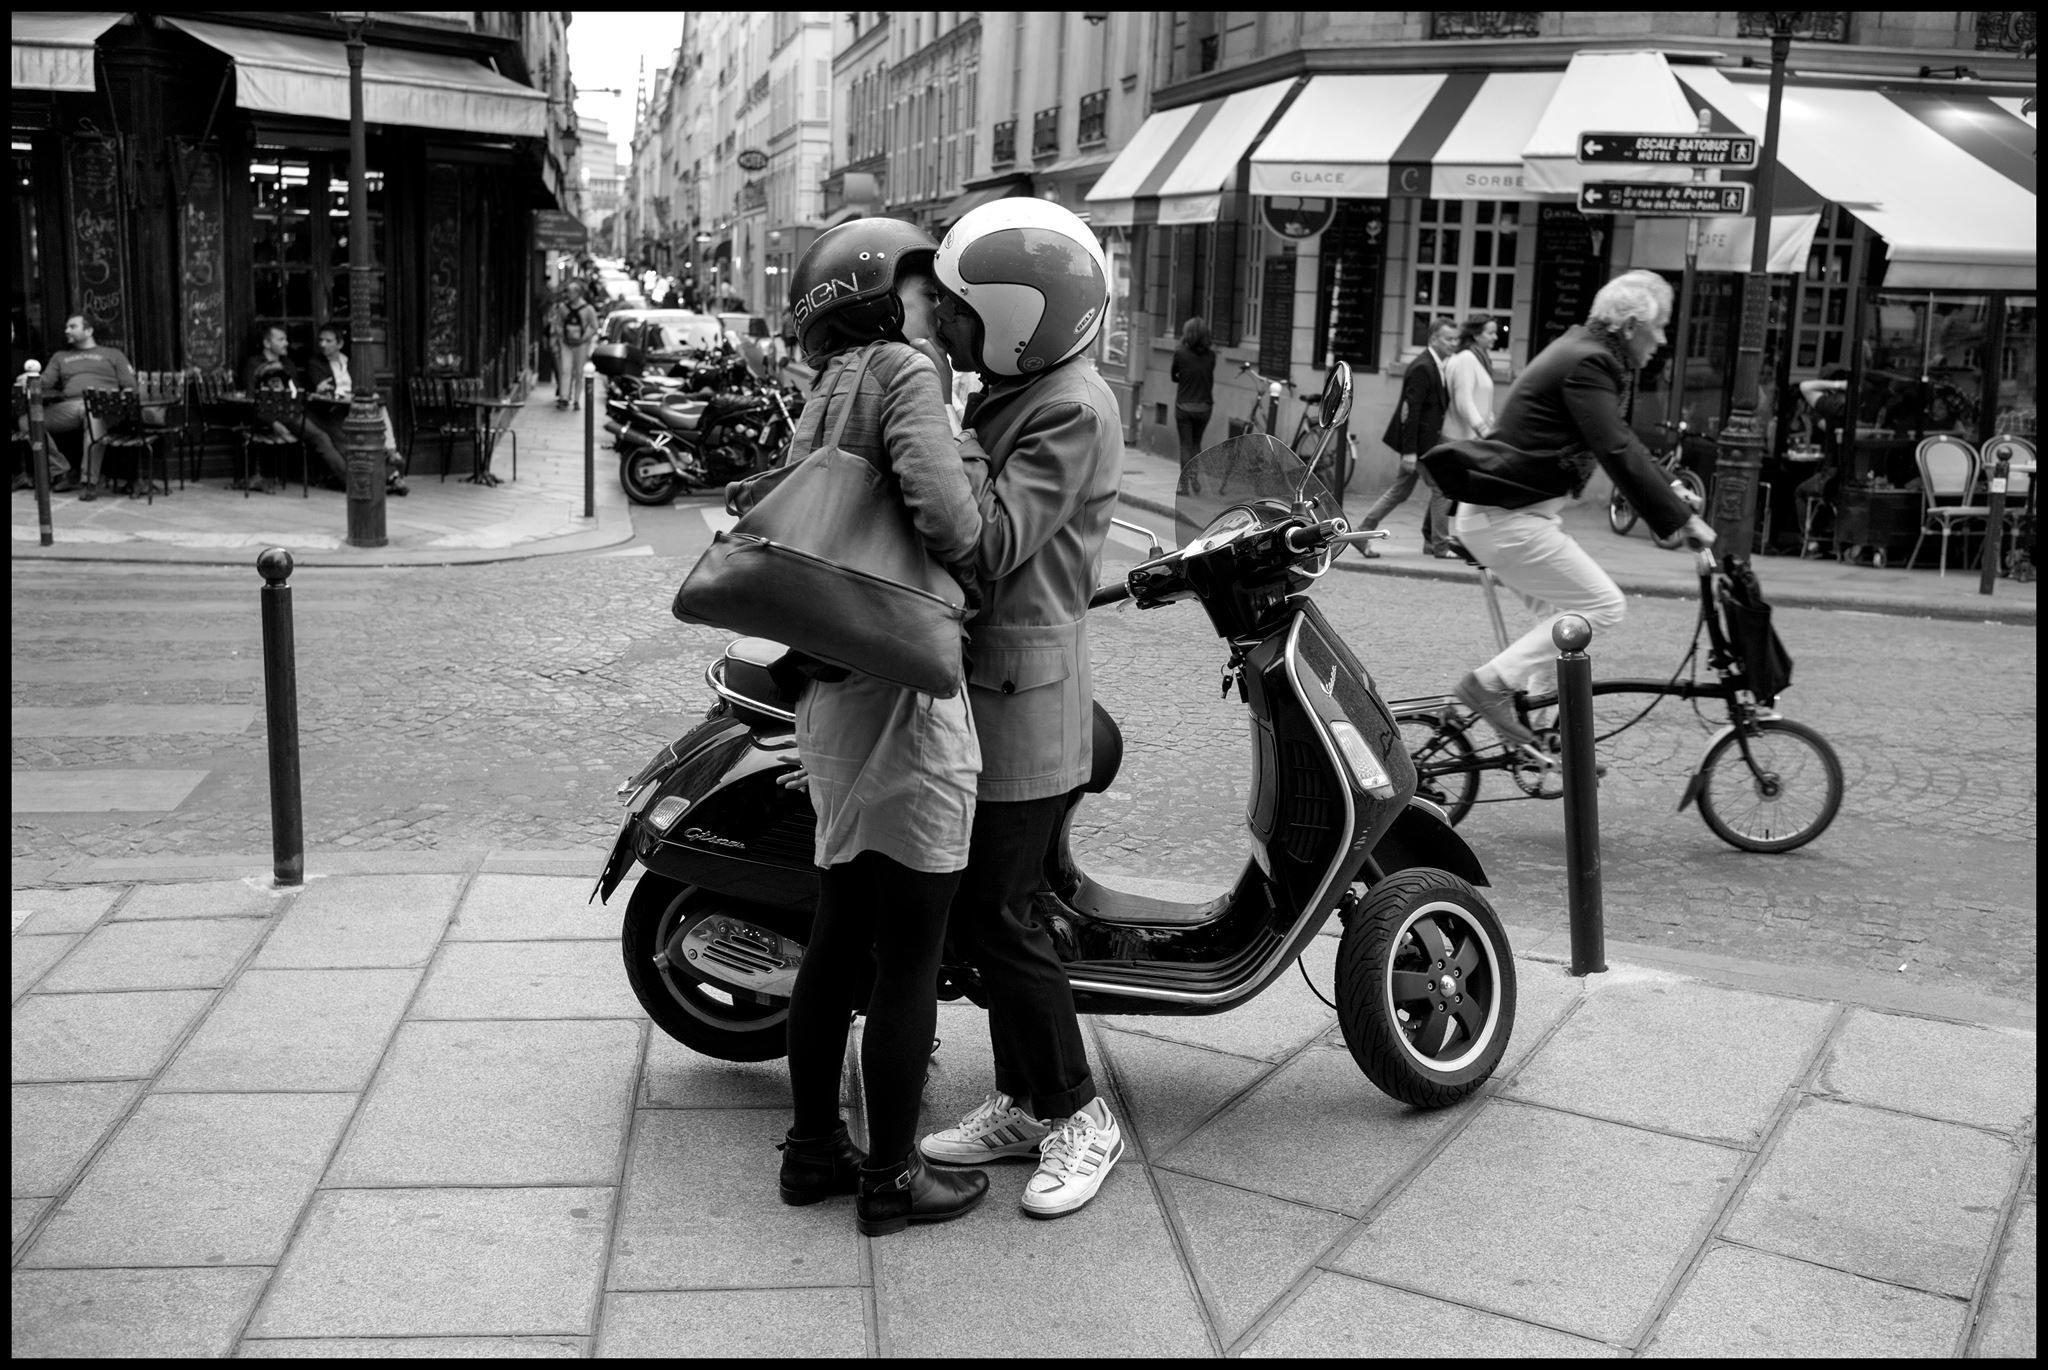 Crash helmet love, Paris. © Peter Turnley, May 29, 2015, Paris.